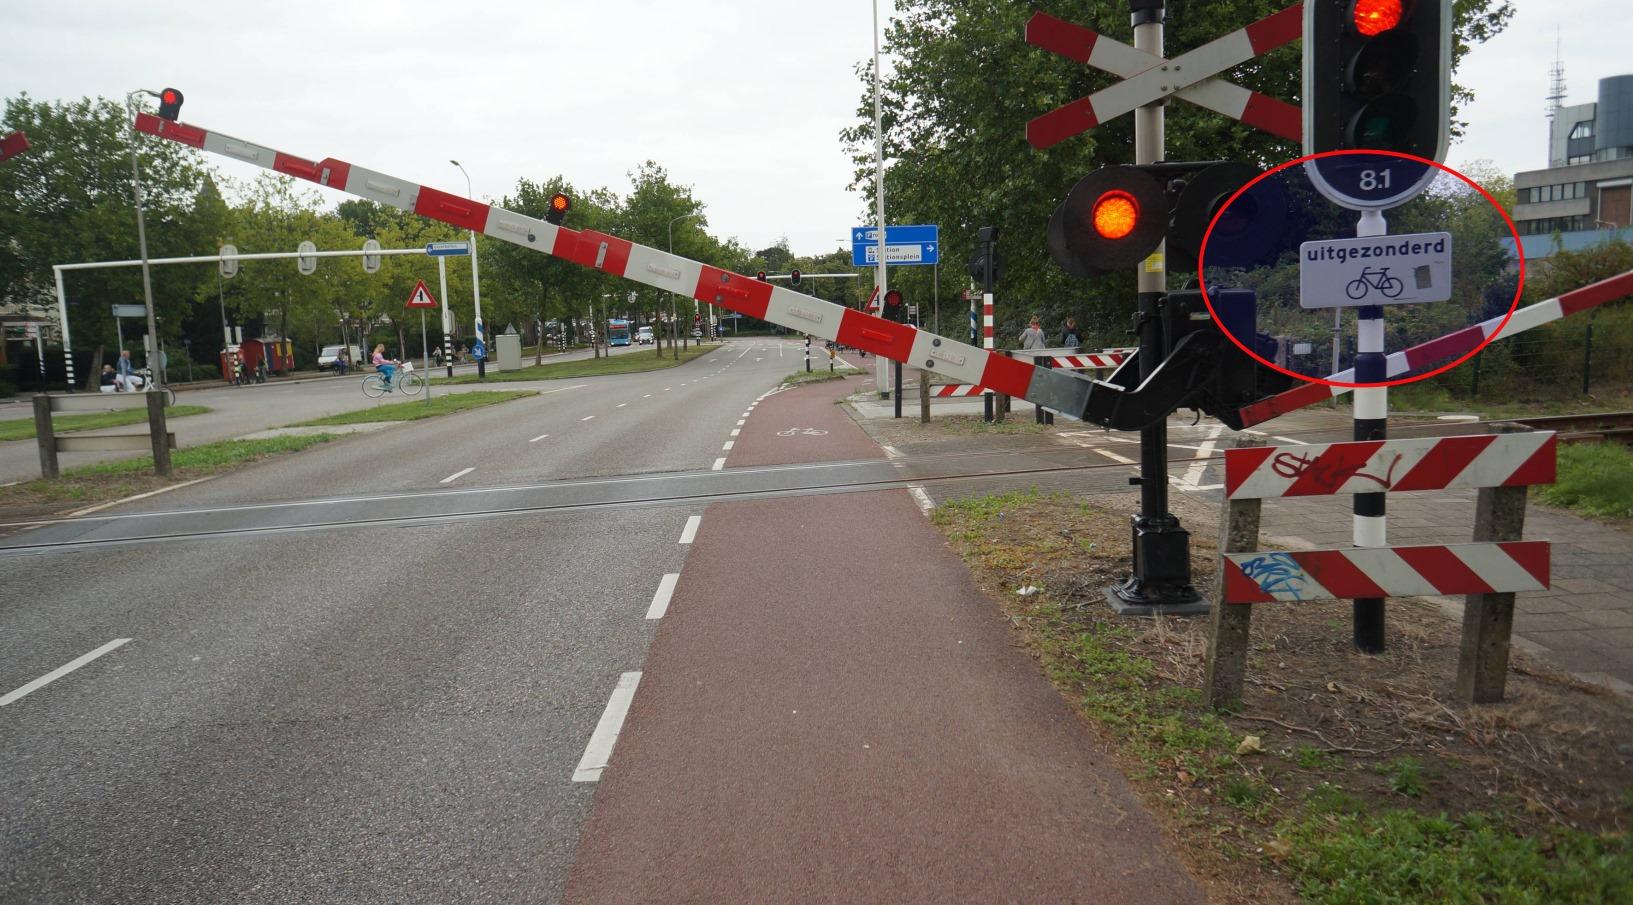 """Reikia publikos pagalbos. Vilniaus Eismo saugumo komisija ketina nagrinėti lentelės """"išskyrus dviračius"""" naudojimo galimybes."""